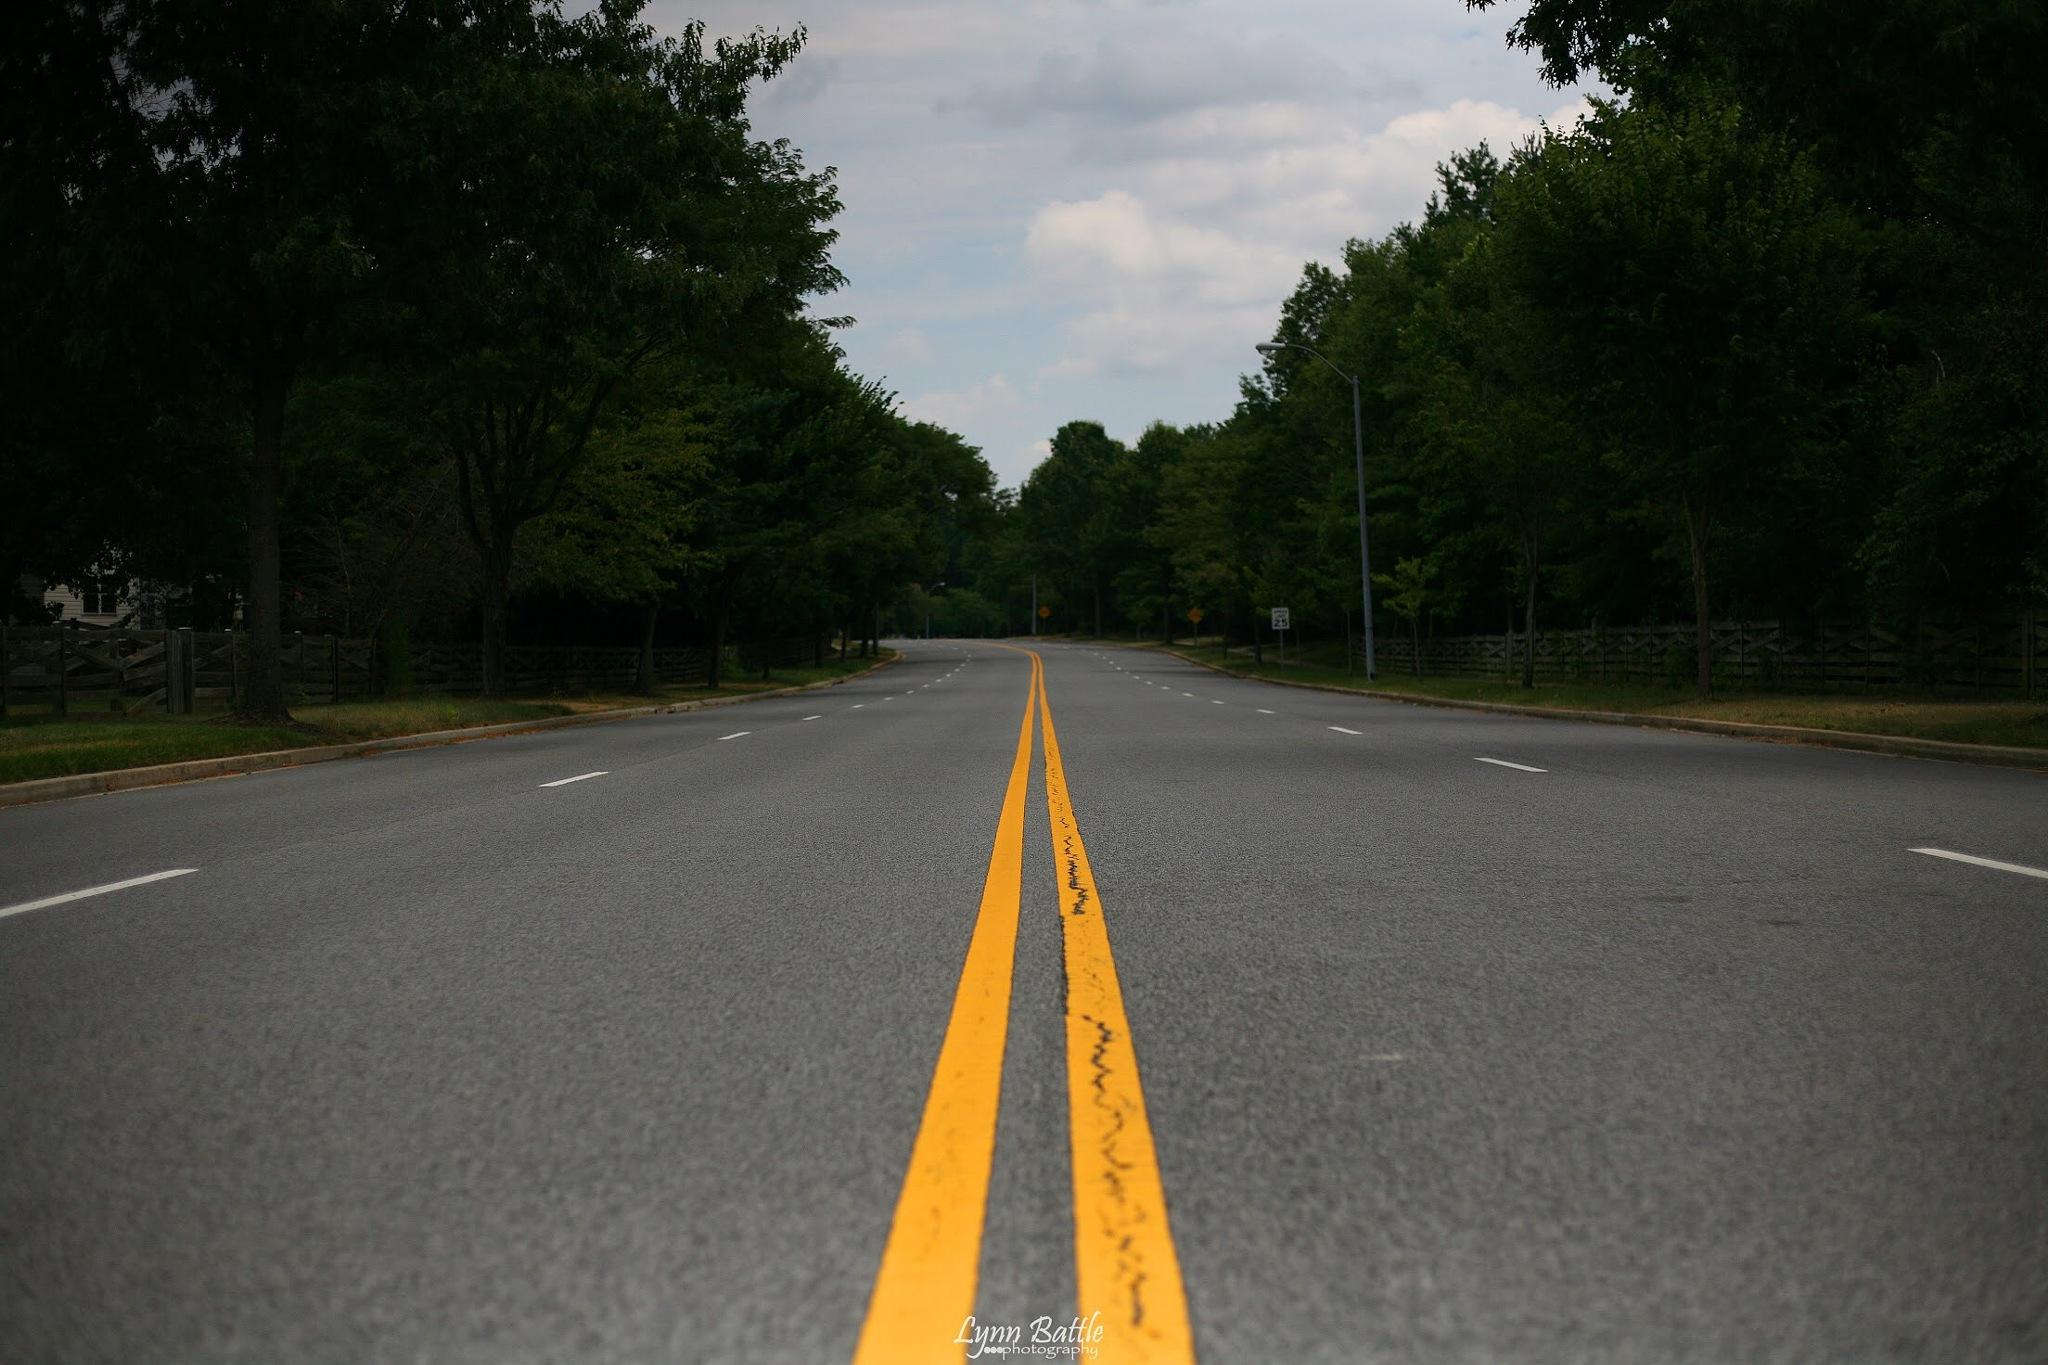 On the road again by Lynn B.